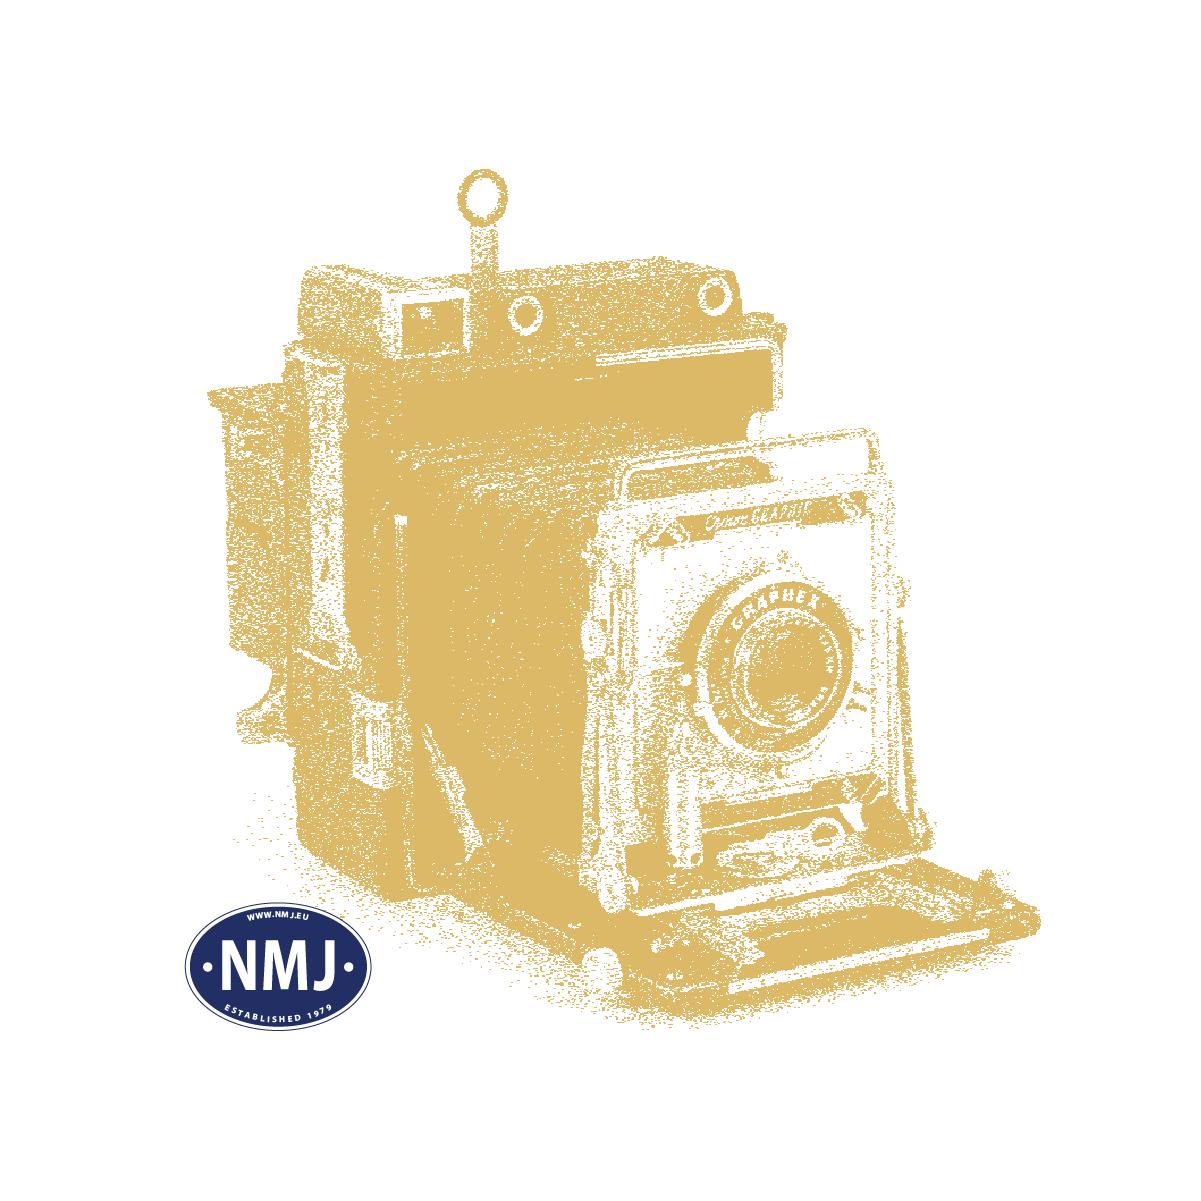 NMJT105.301 - NMJ Topline NSB A2 24002 Red/black livery